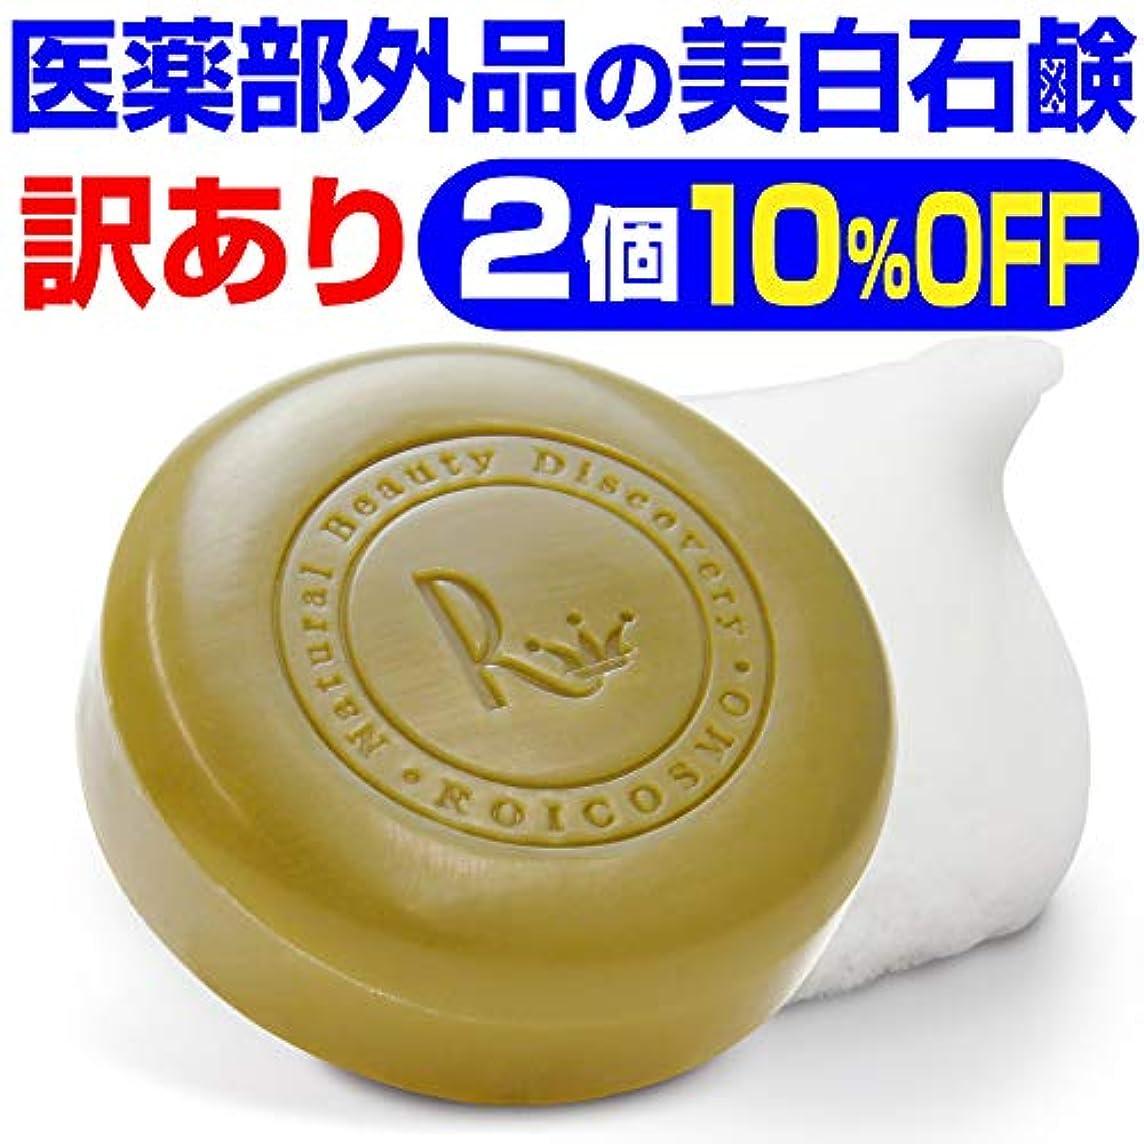 美的のホスト不公平訳あり10%OFF(1個2,143円)売切れ御免 ビタミンC270倍の美白成分の 洗顔石鹸『ホワイトソープ100g×2個』